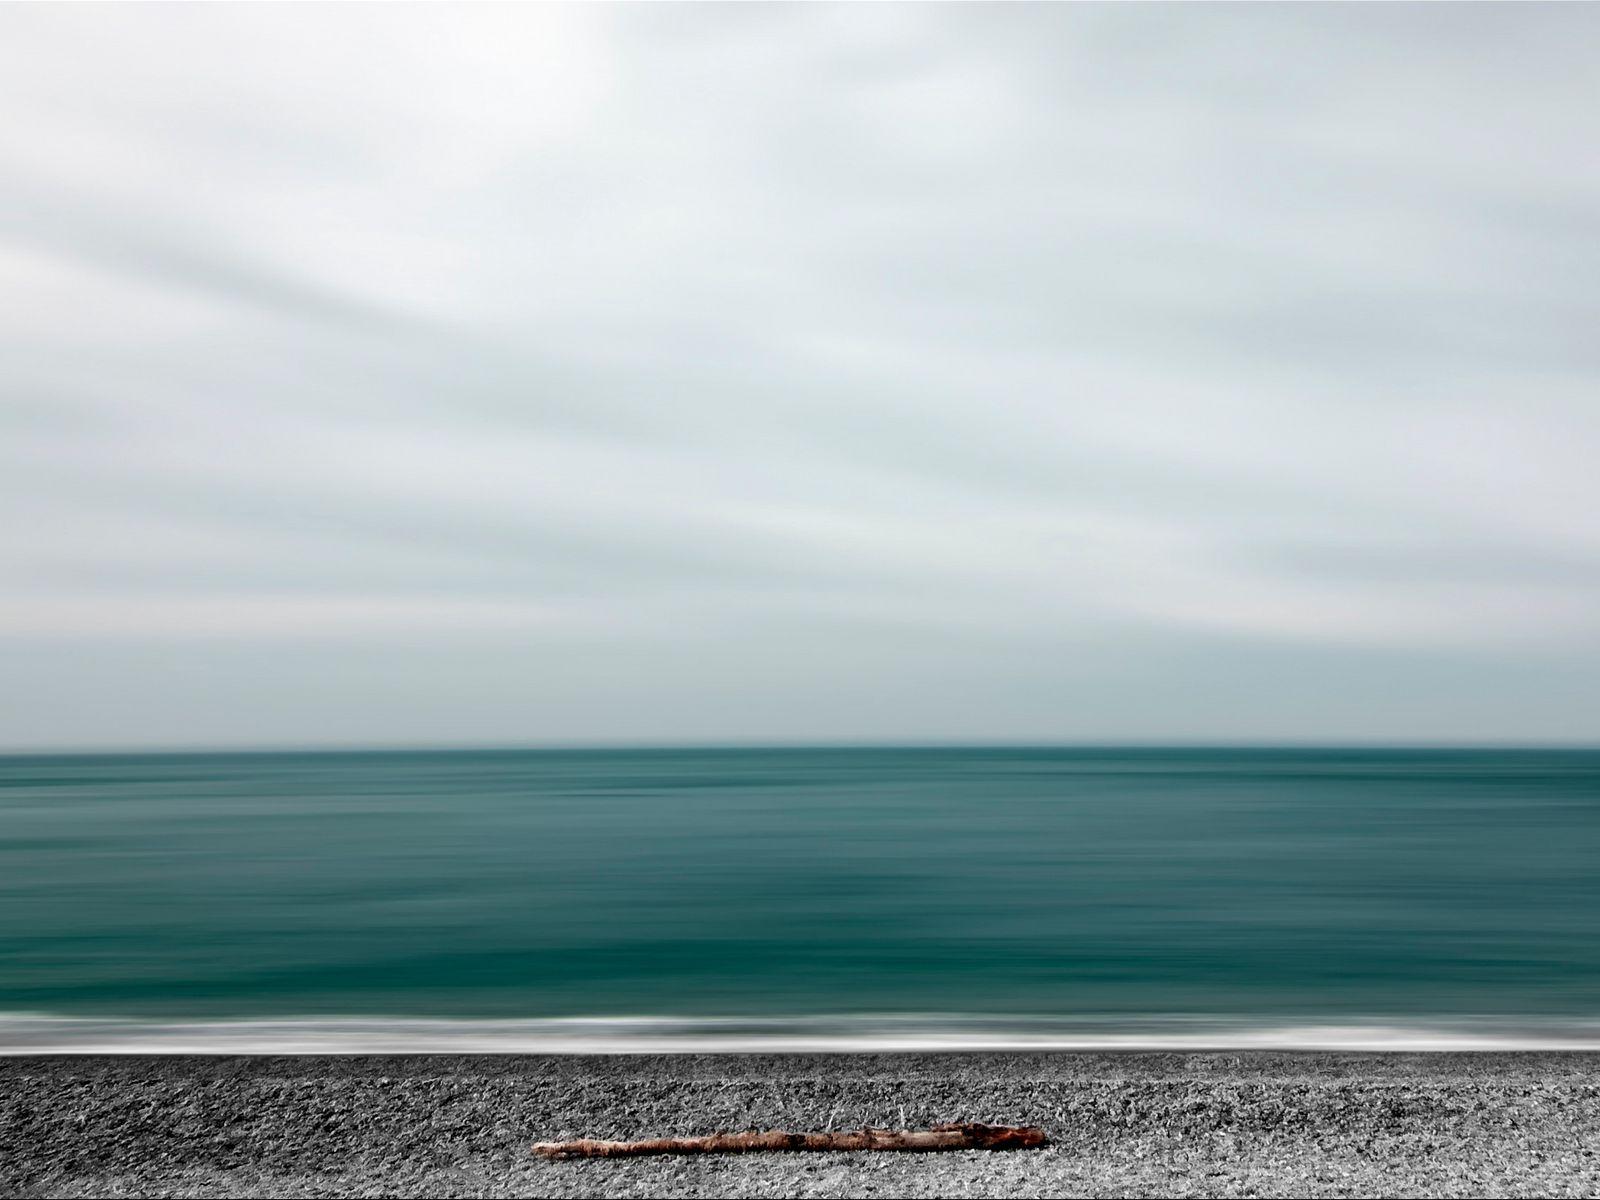 1600x1200 Wallpaper sea, shore, minimalism